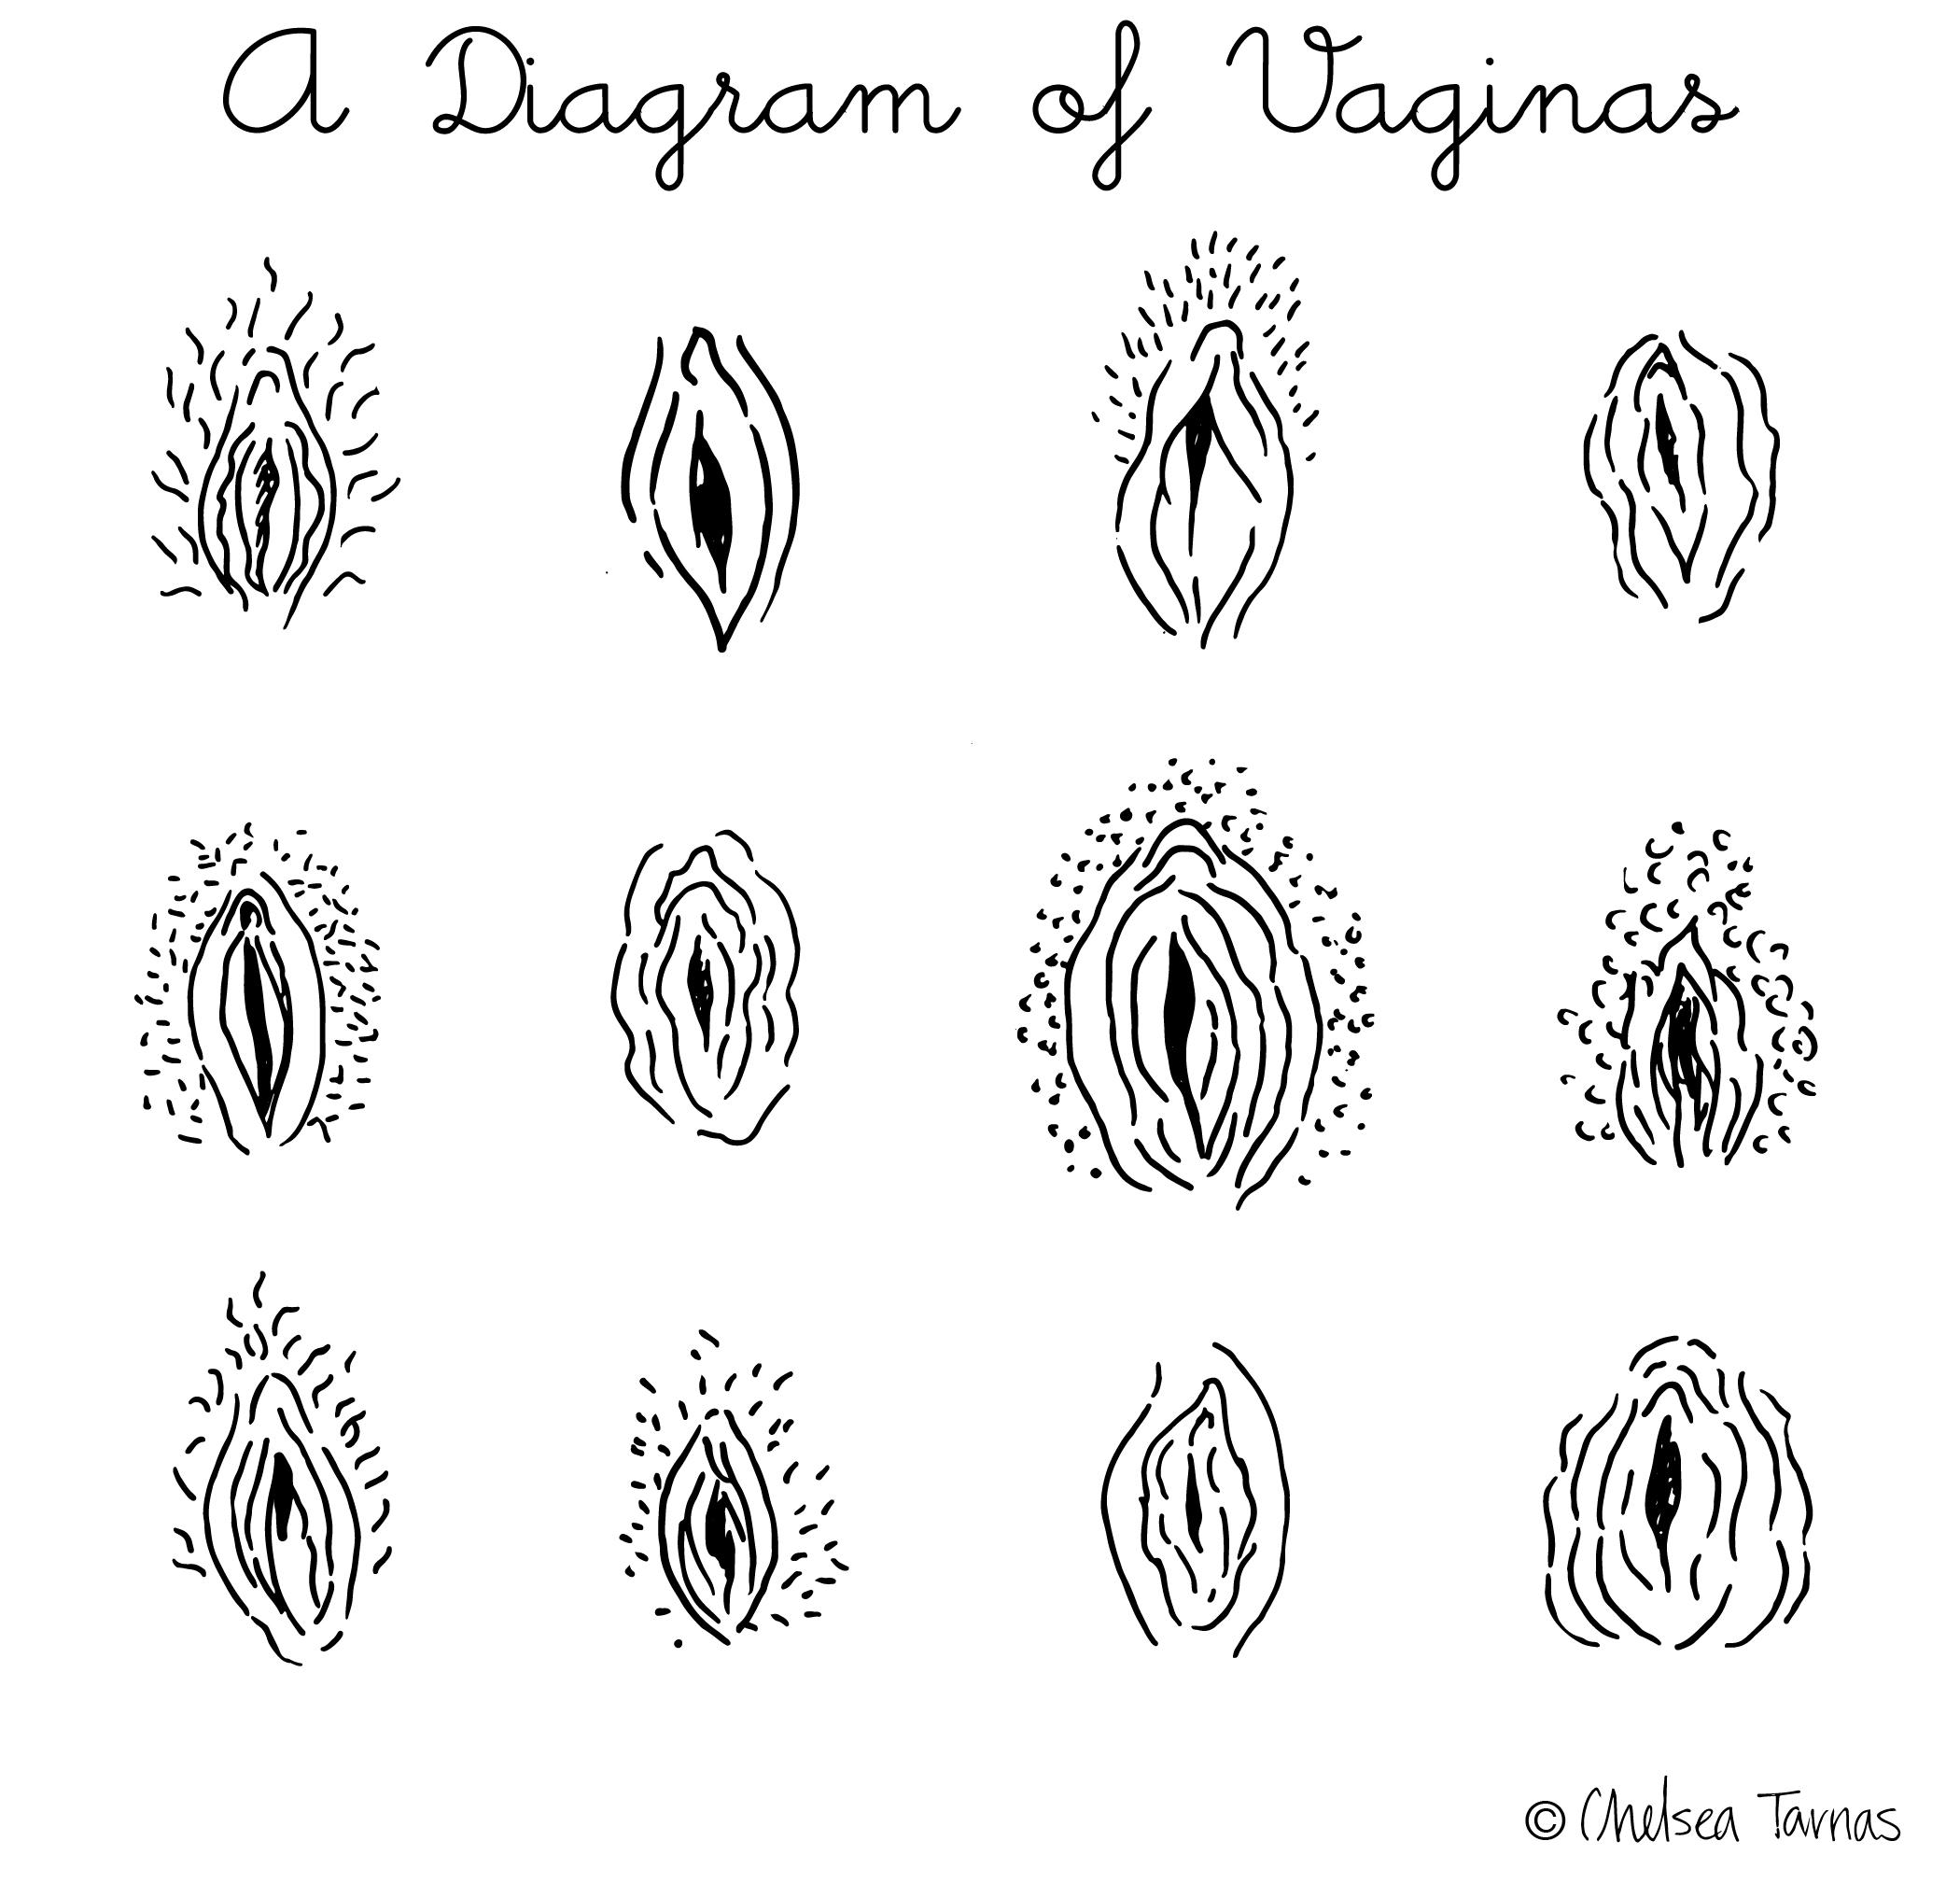 Daigram of vagina photos 798